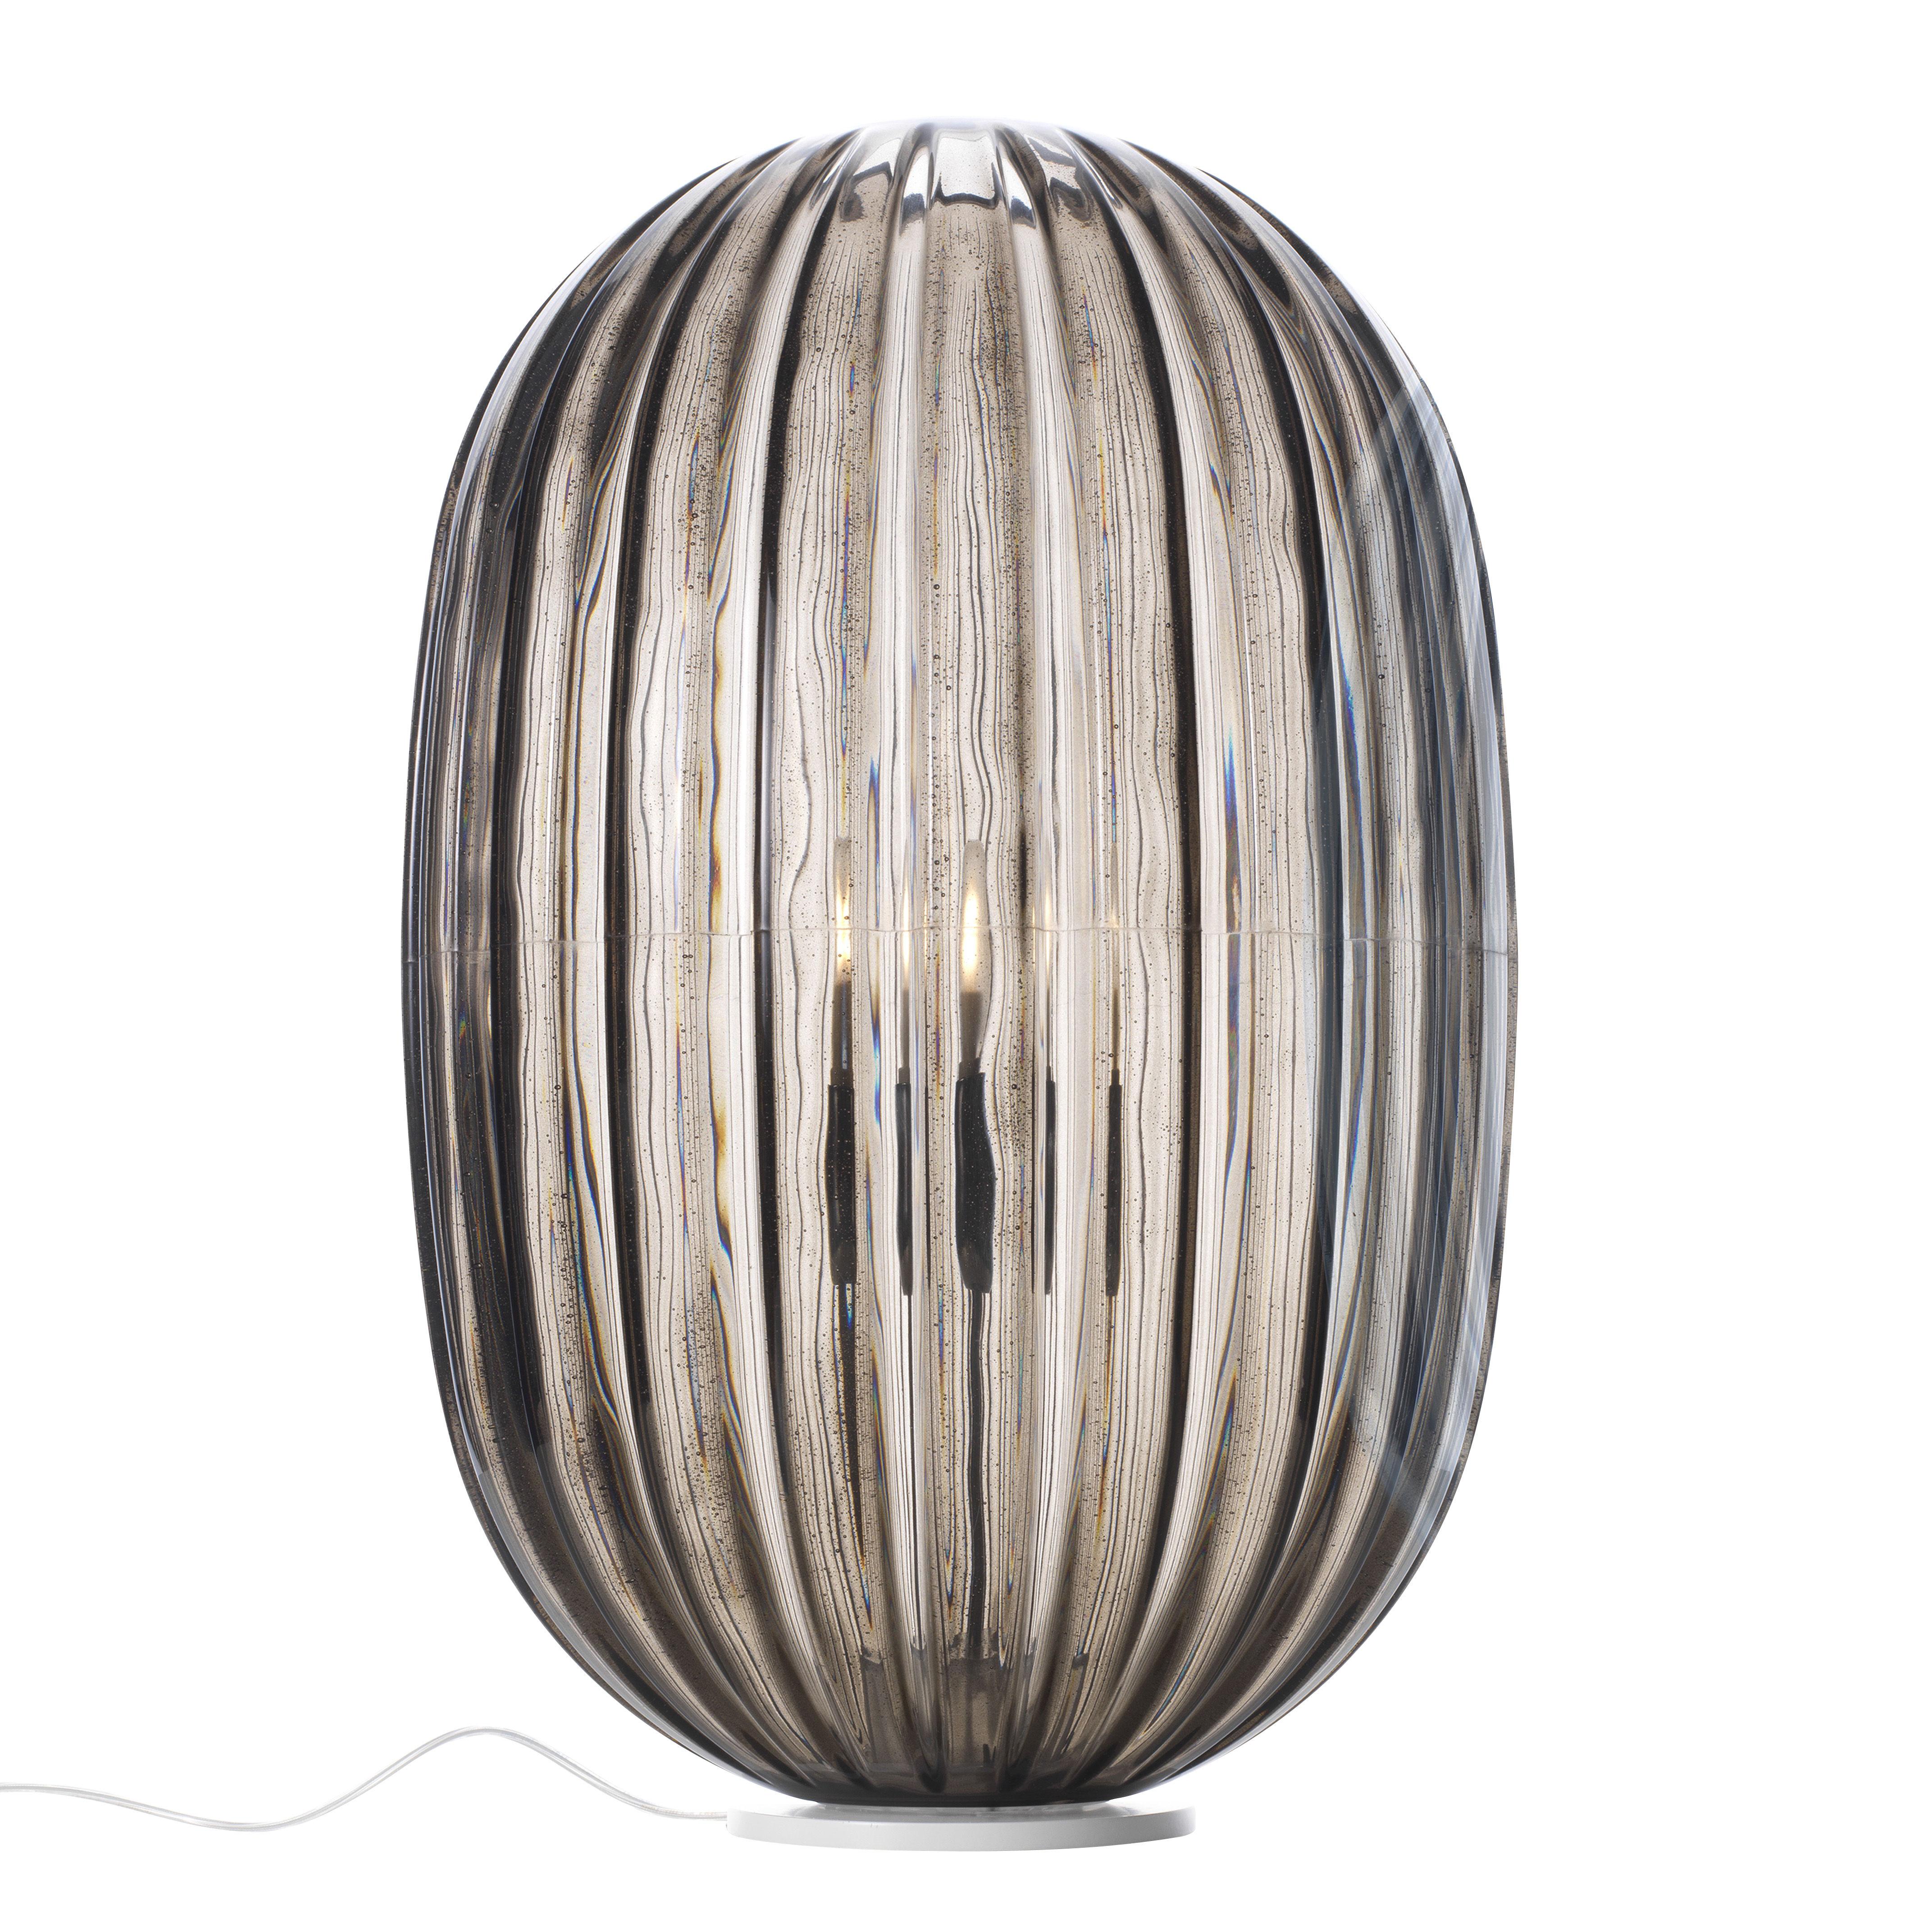 Leuchten - Tischleuchten - Plass Tischleuchte / Ø 34 cm x H 51 cm - Foscarini - Grau - Polykarbonat, Stahl